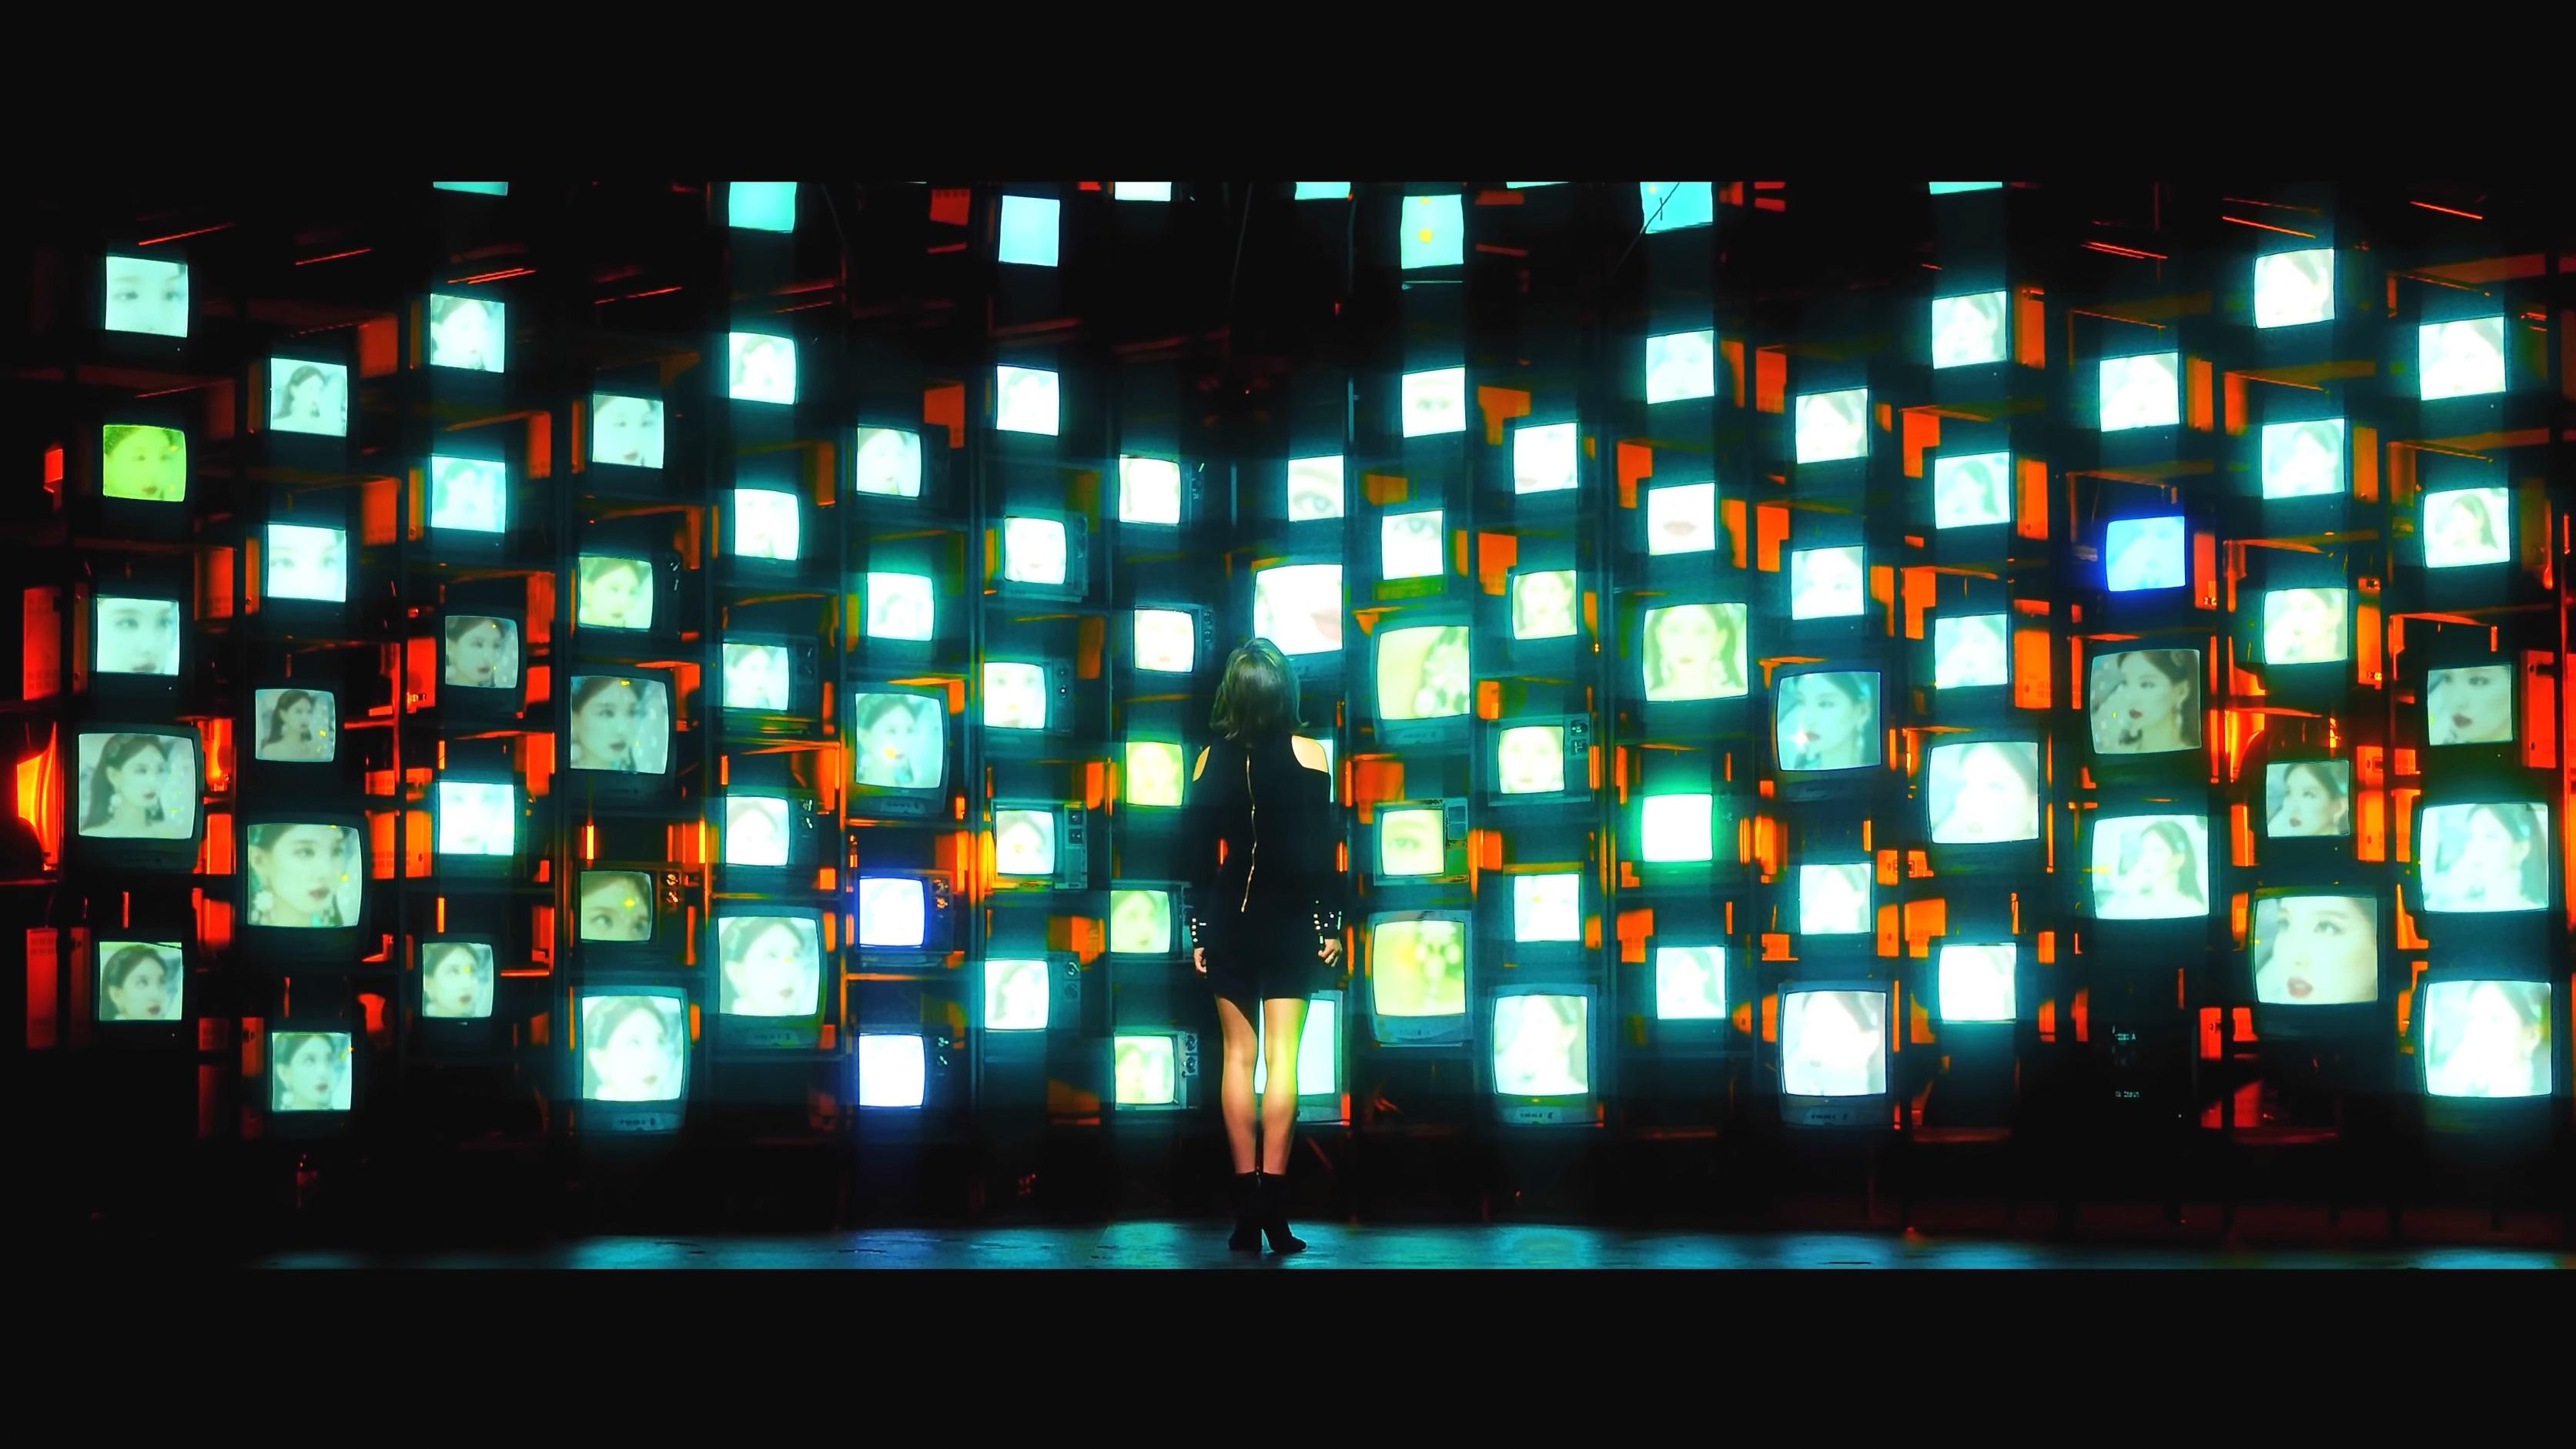 デスクトップ壁紙 2回 Twice Jihyo アジア人 歌手 Televisions Wall 女性 3346x18 Peepsihax デスクトップ壁紙 Wallhere